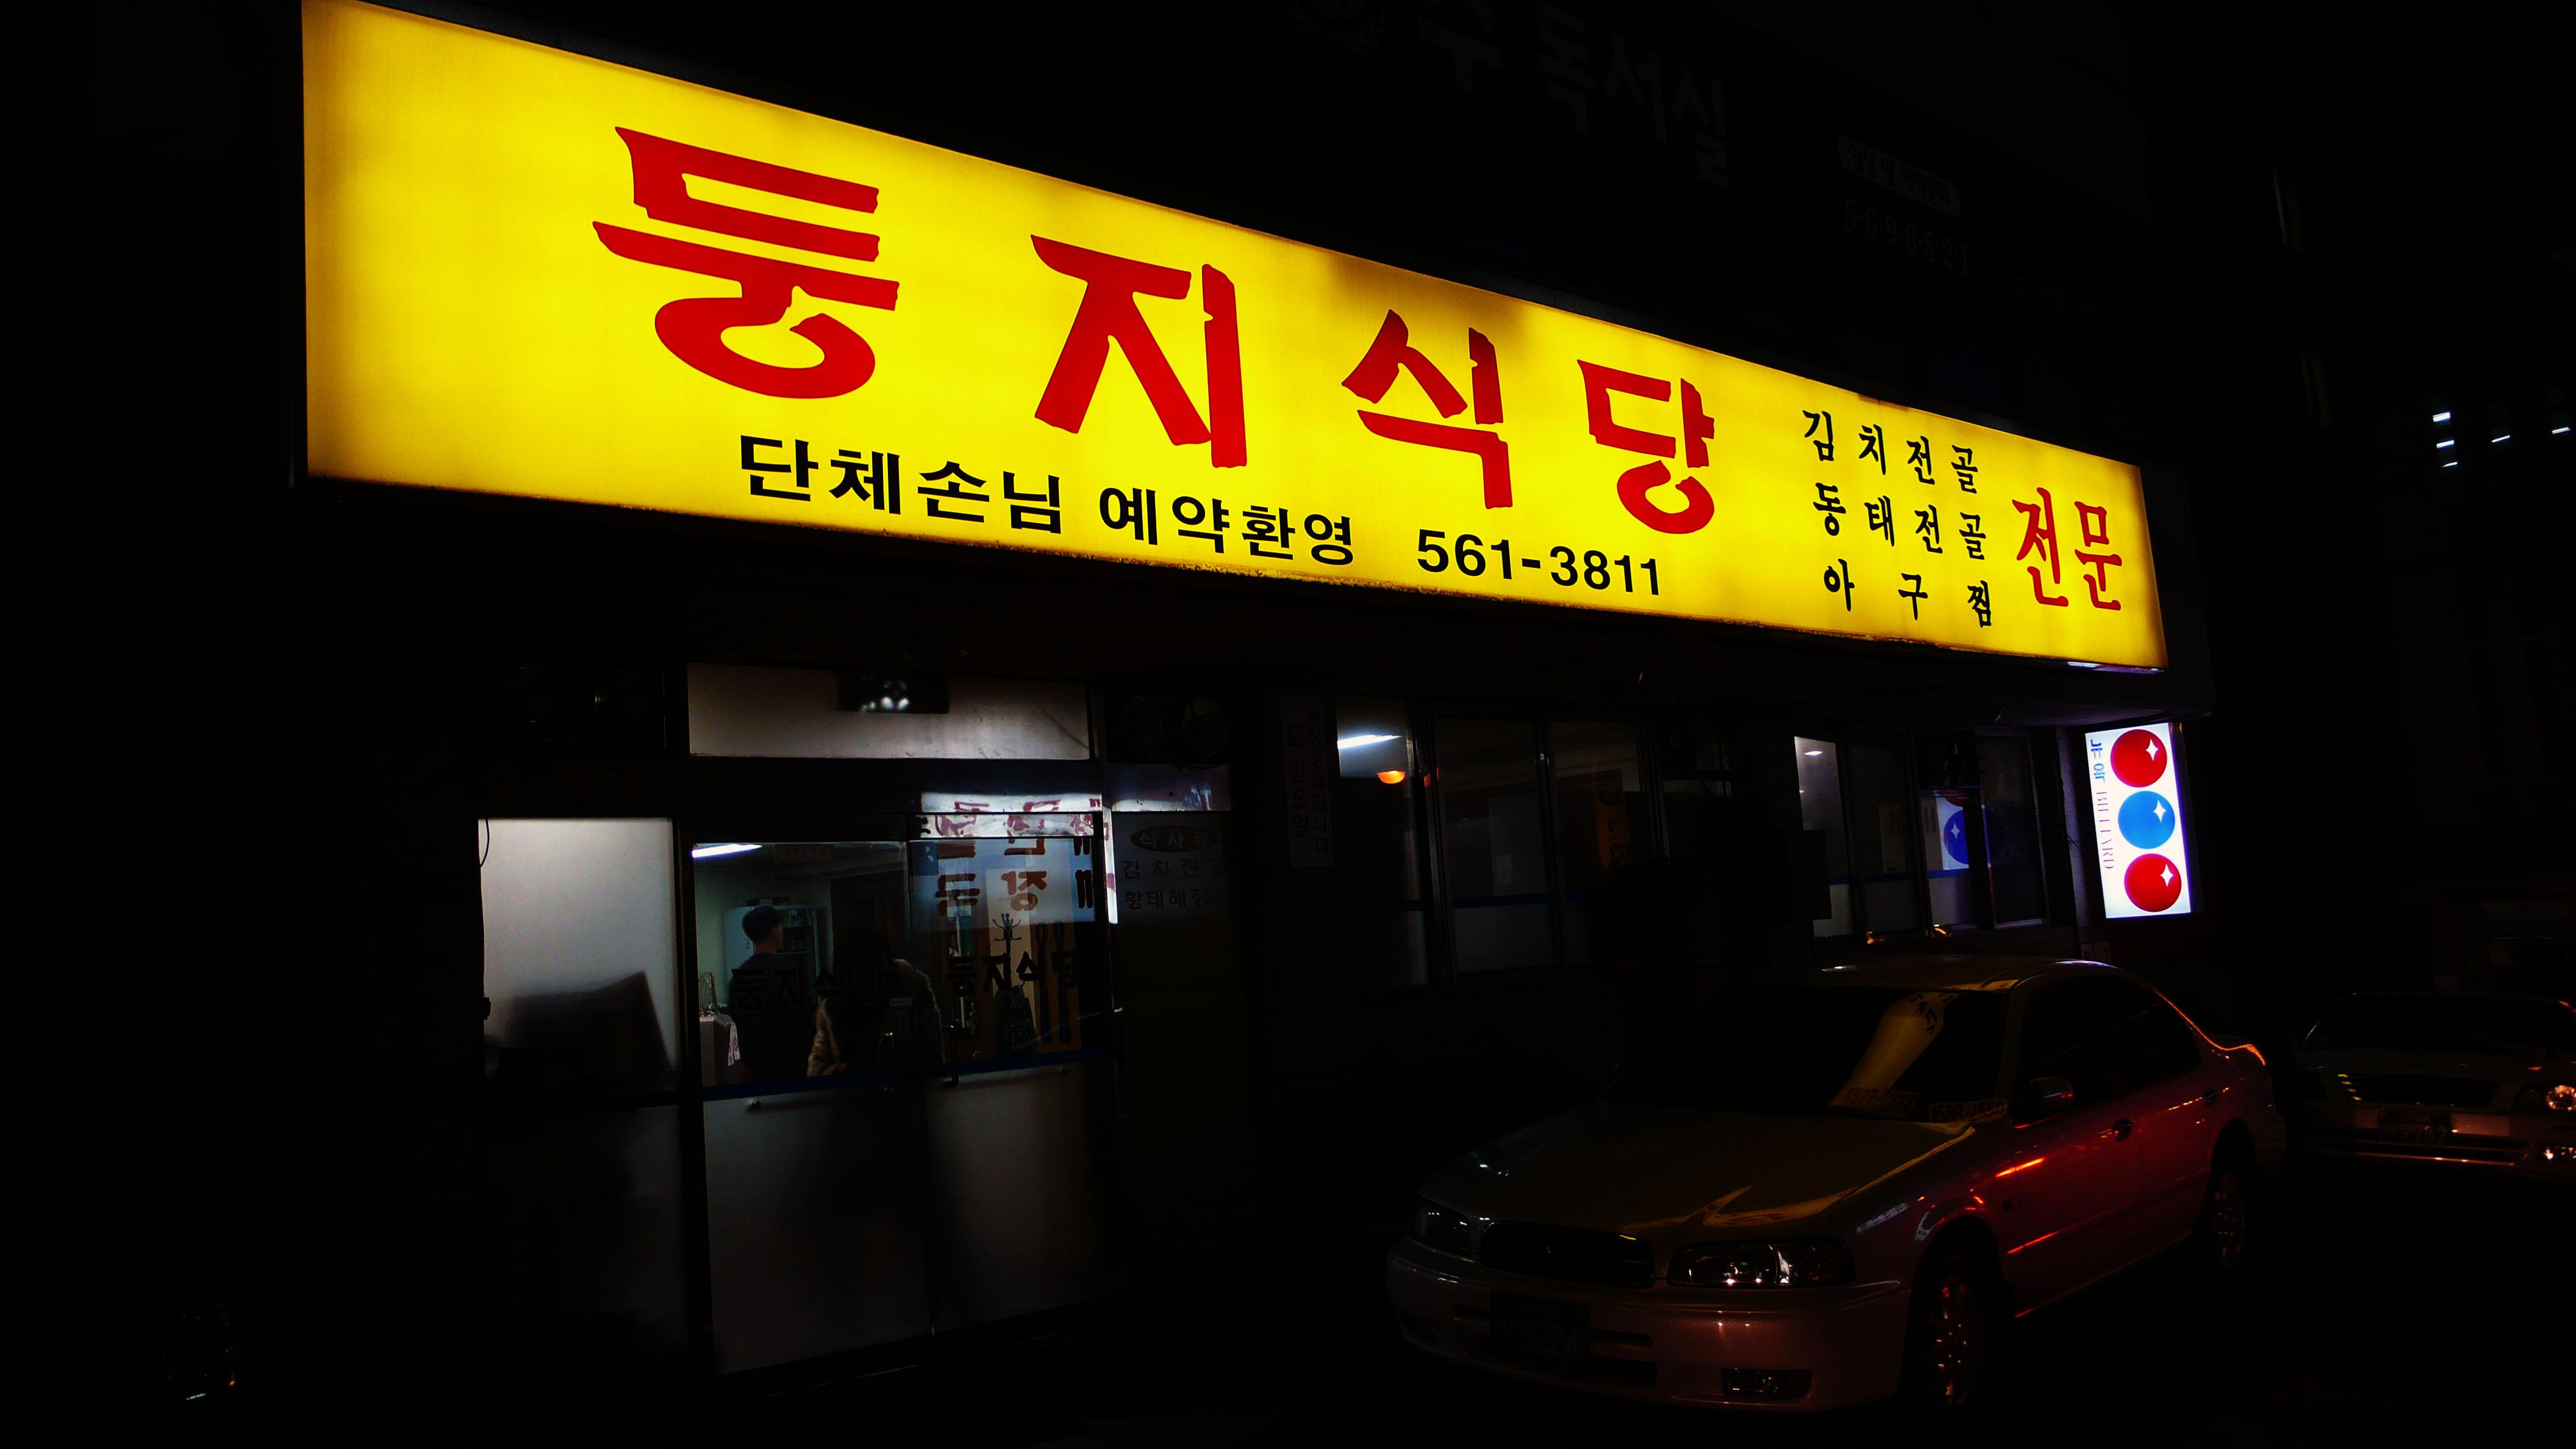 [둥지식당] 신기하게 진화하는 김치찌개집 - 선릉역